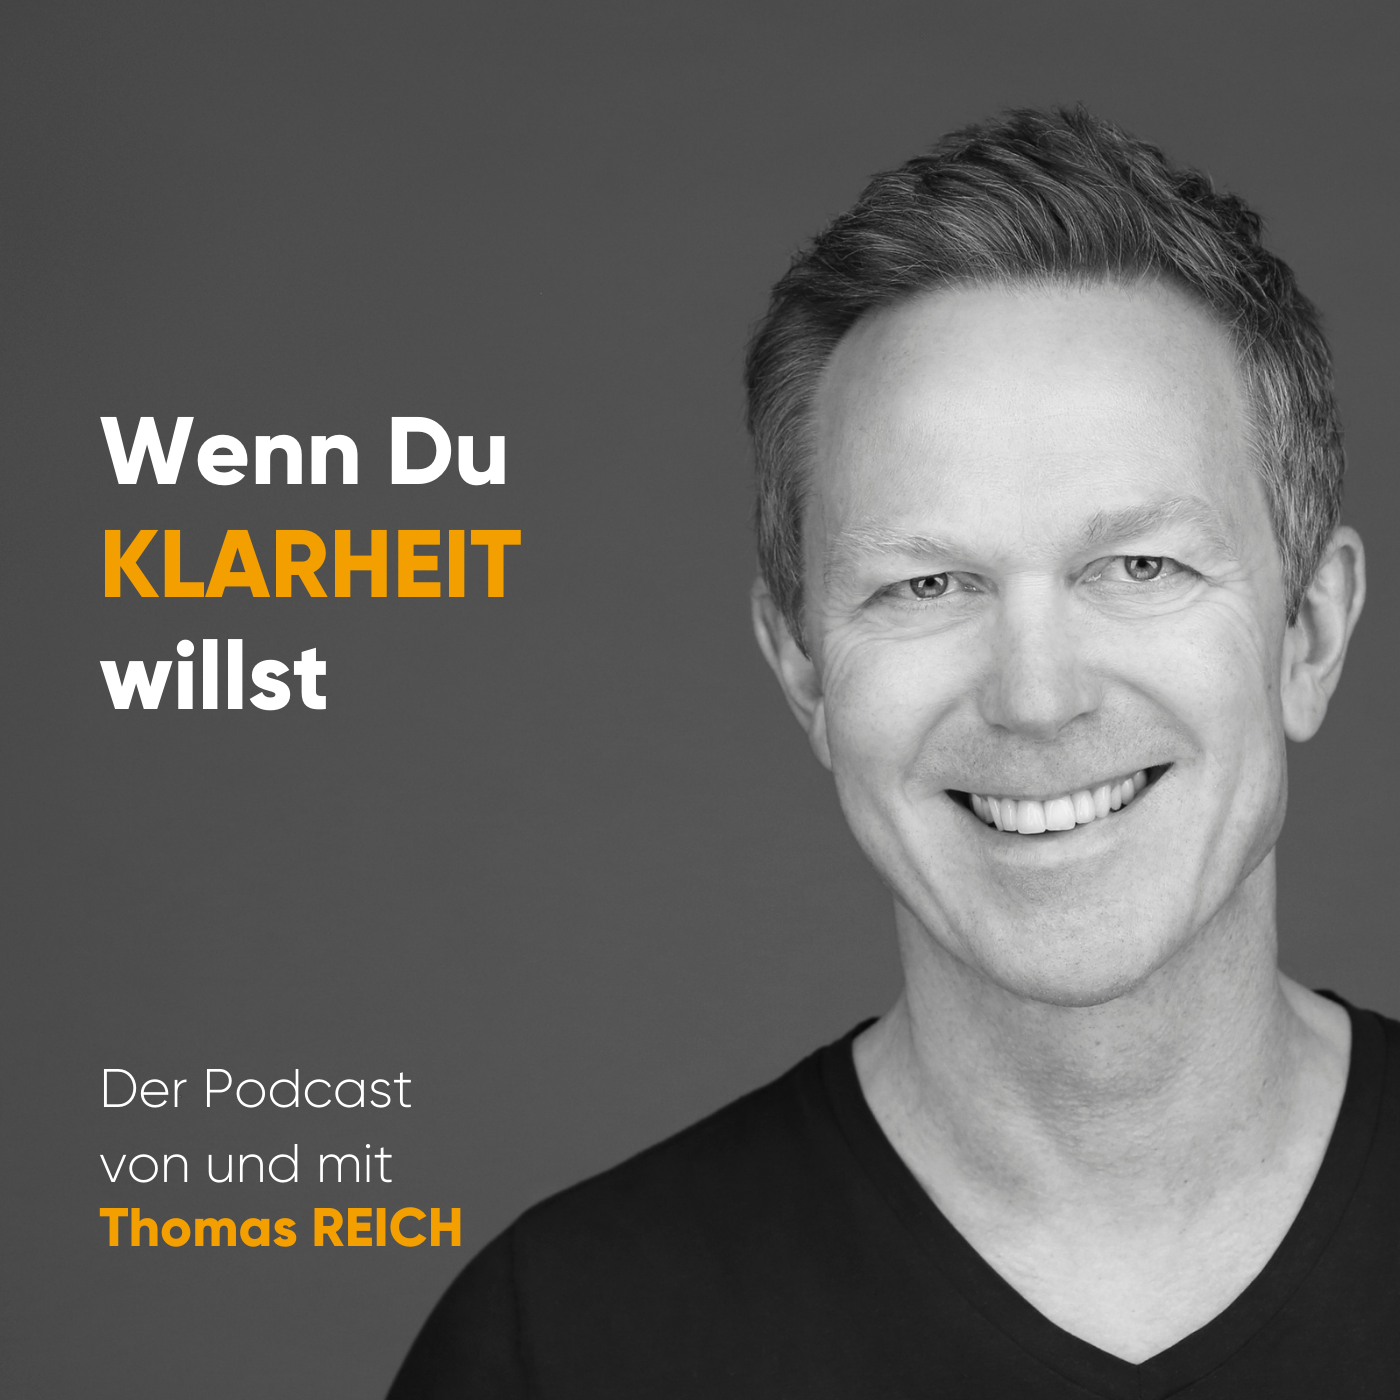 #853 - Reich denken Reich handeln show art